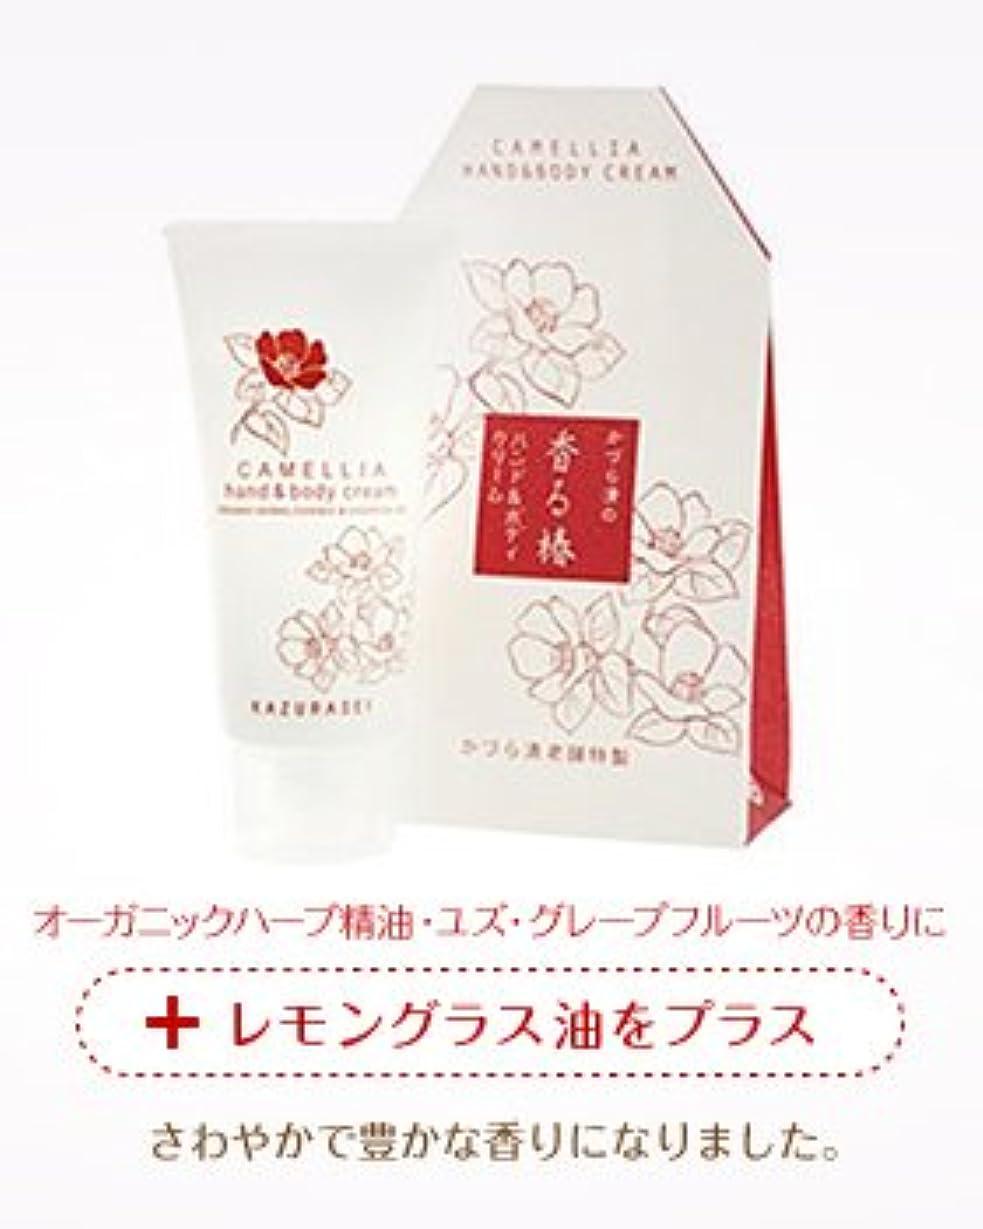 一般化するアプライアンス学習京?祇園 かづら清老舗 香る椿 ハンド&ボディクリーム 60g